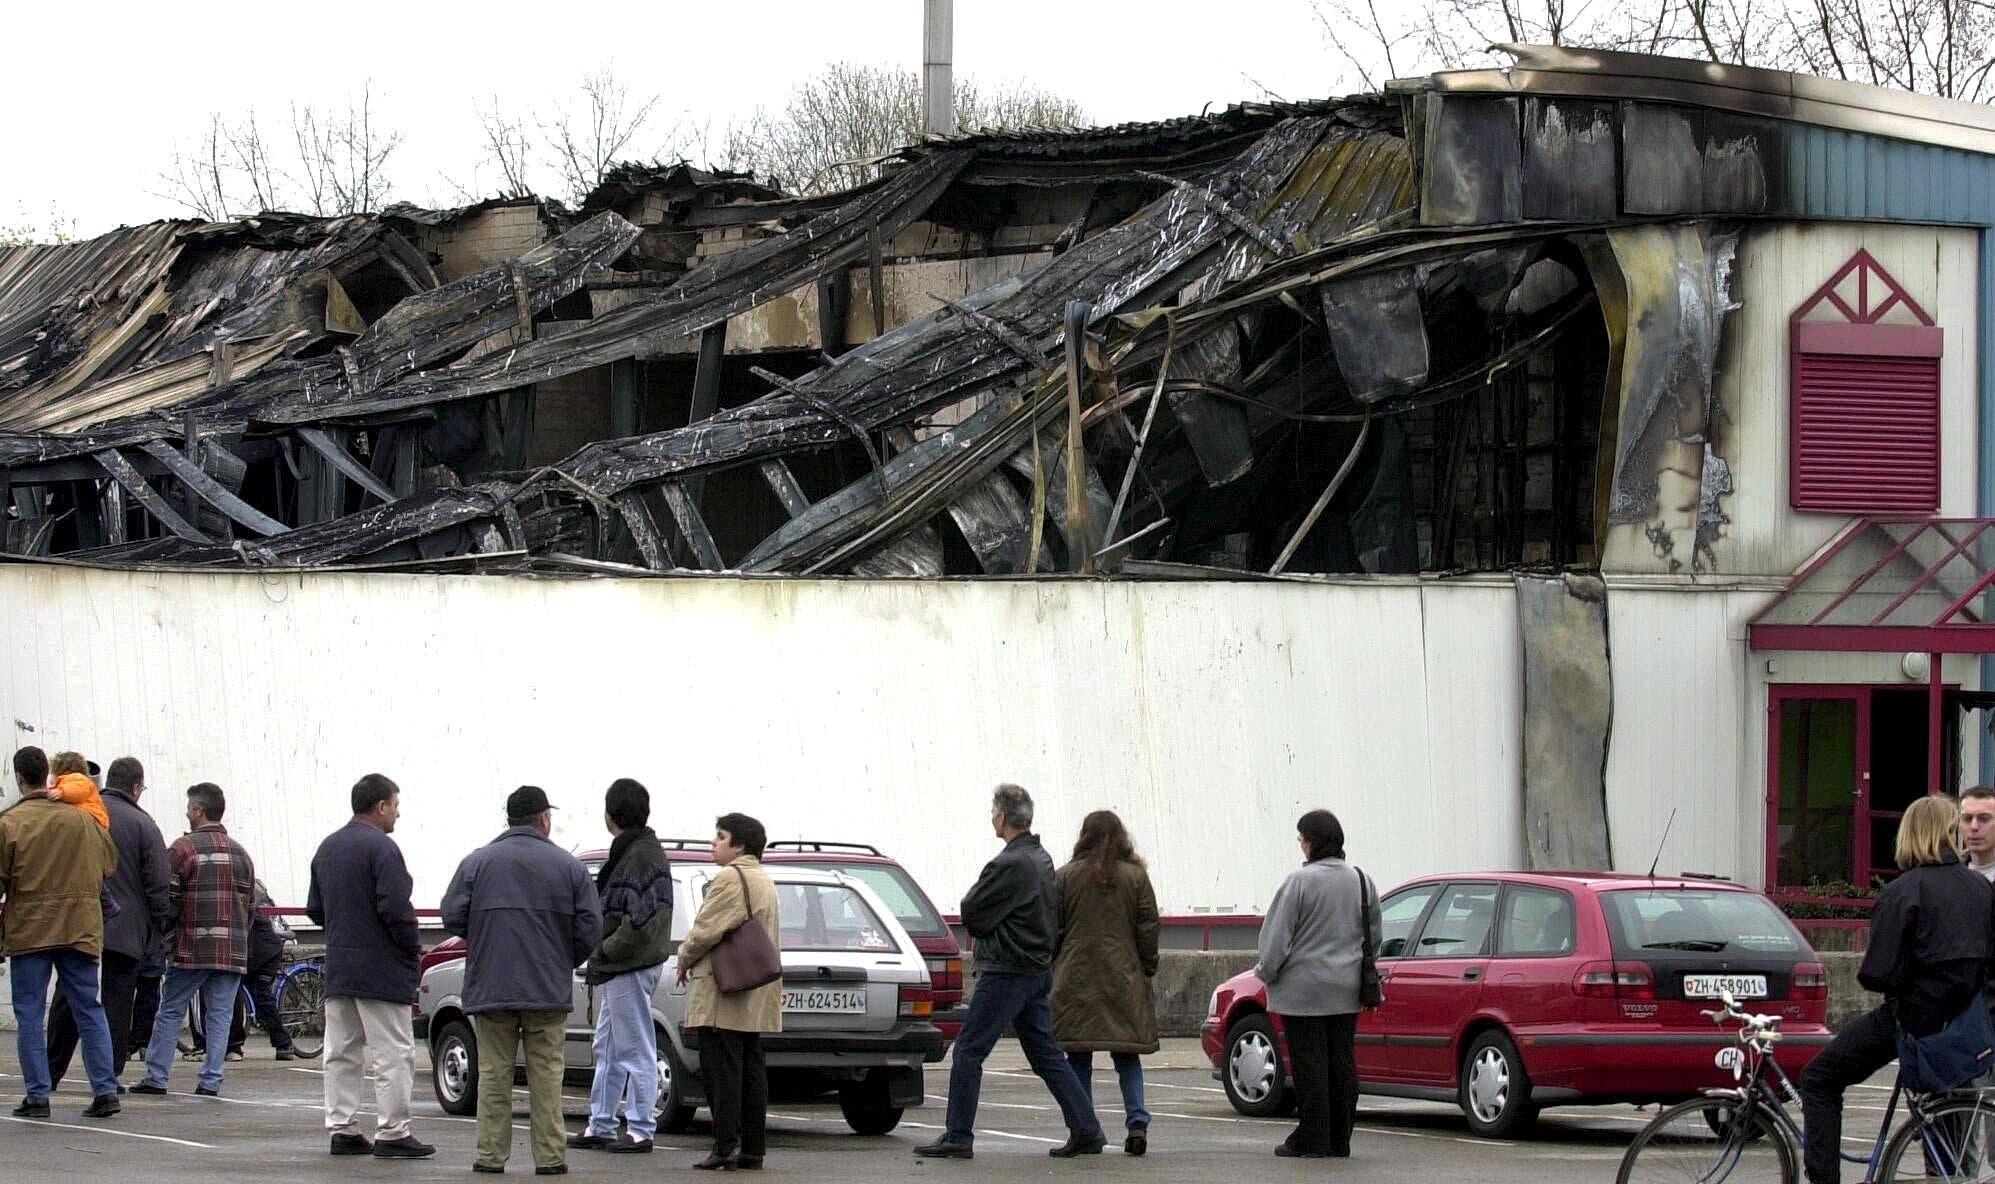 Nachdem die Nachricht vom Grossbrand via Radio verbreitet worden war, pilgerten am Samstag zahlreiche Dietikerinnen und Dietiker an den Ort des Geschehens. Das Feuer war in Dietikon am Wochenende Stadtgespräch.